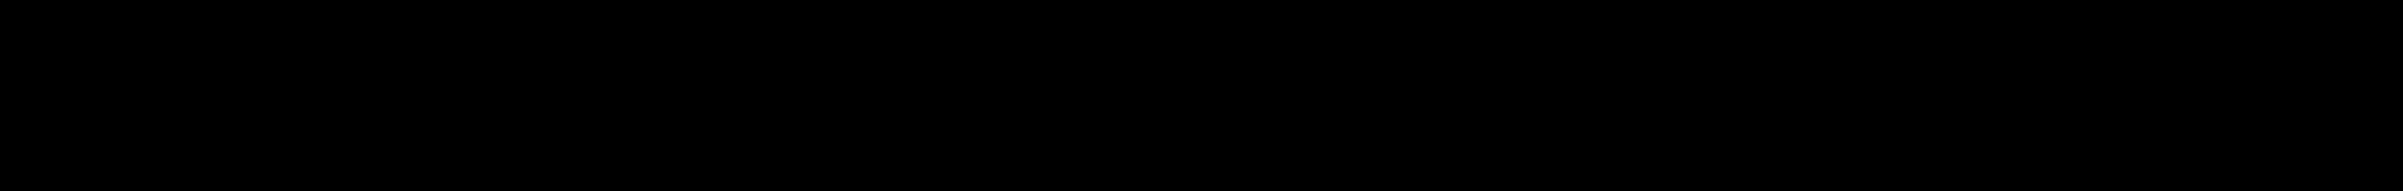 Sánchez Condensed Black